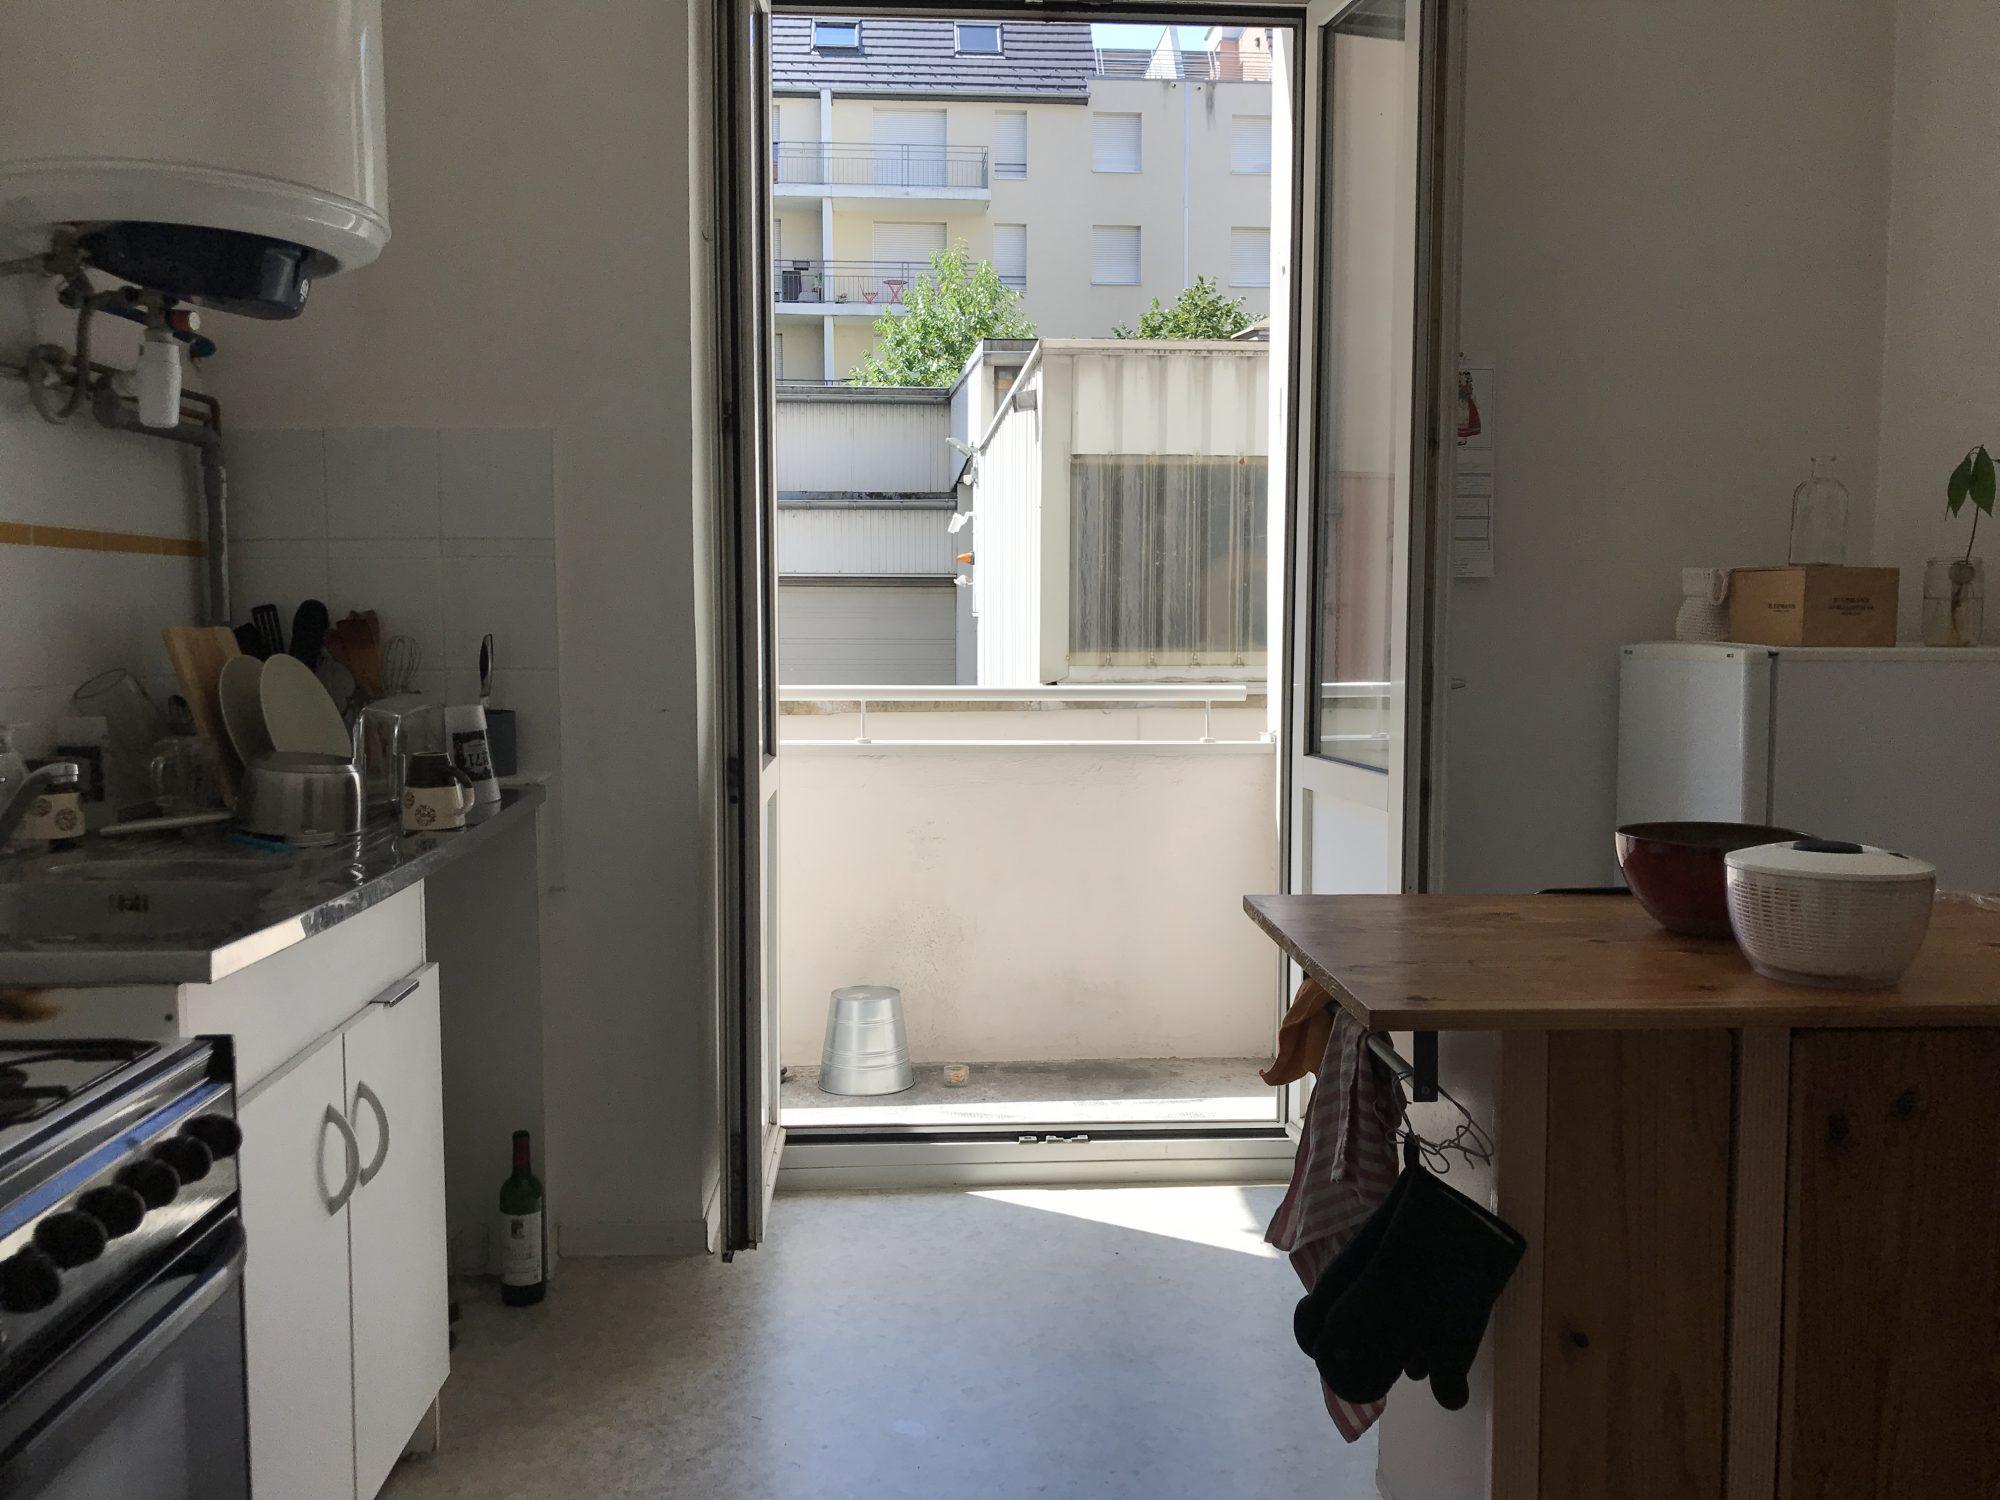 Appartement à louer Strasbourg - Devenez locataire en toute sérénité - Bintz Immobilier - 5